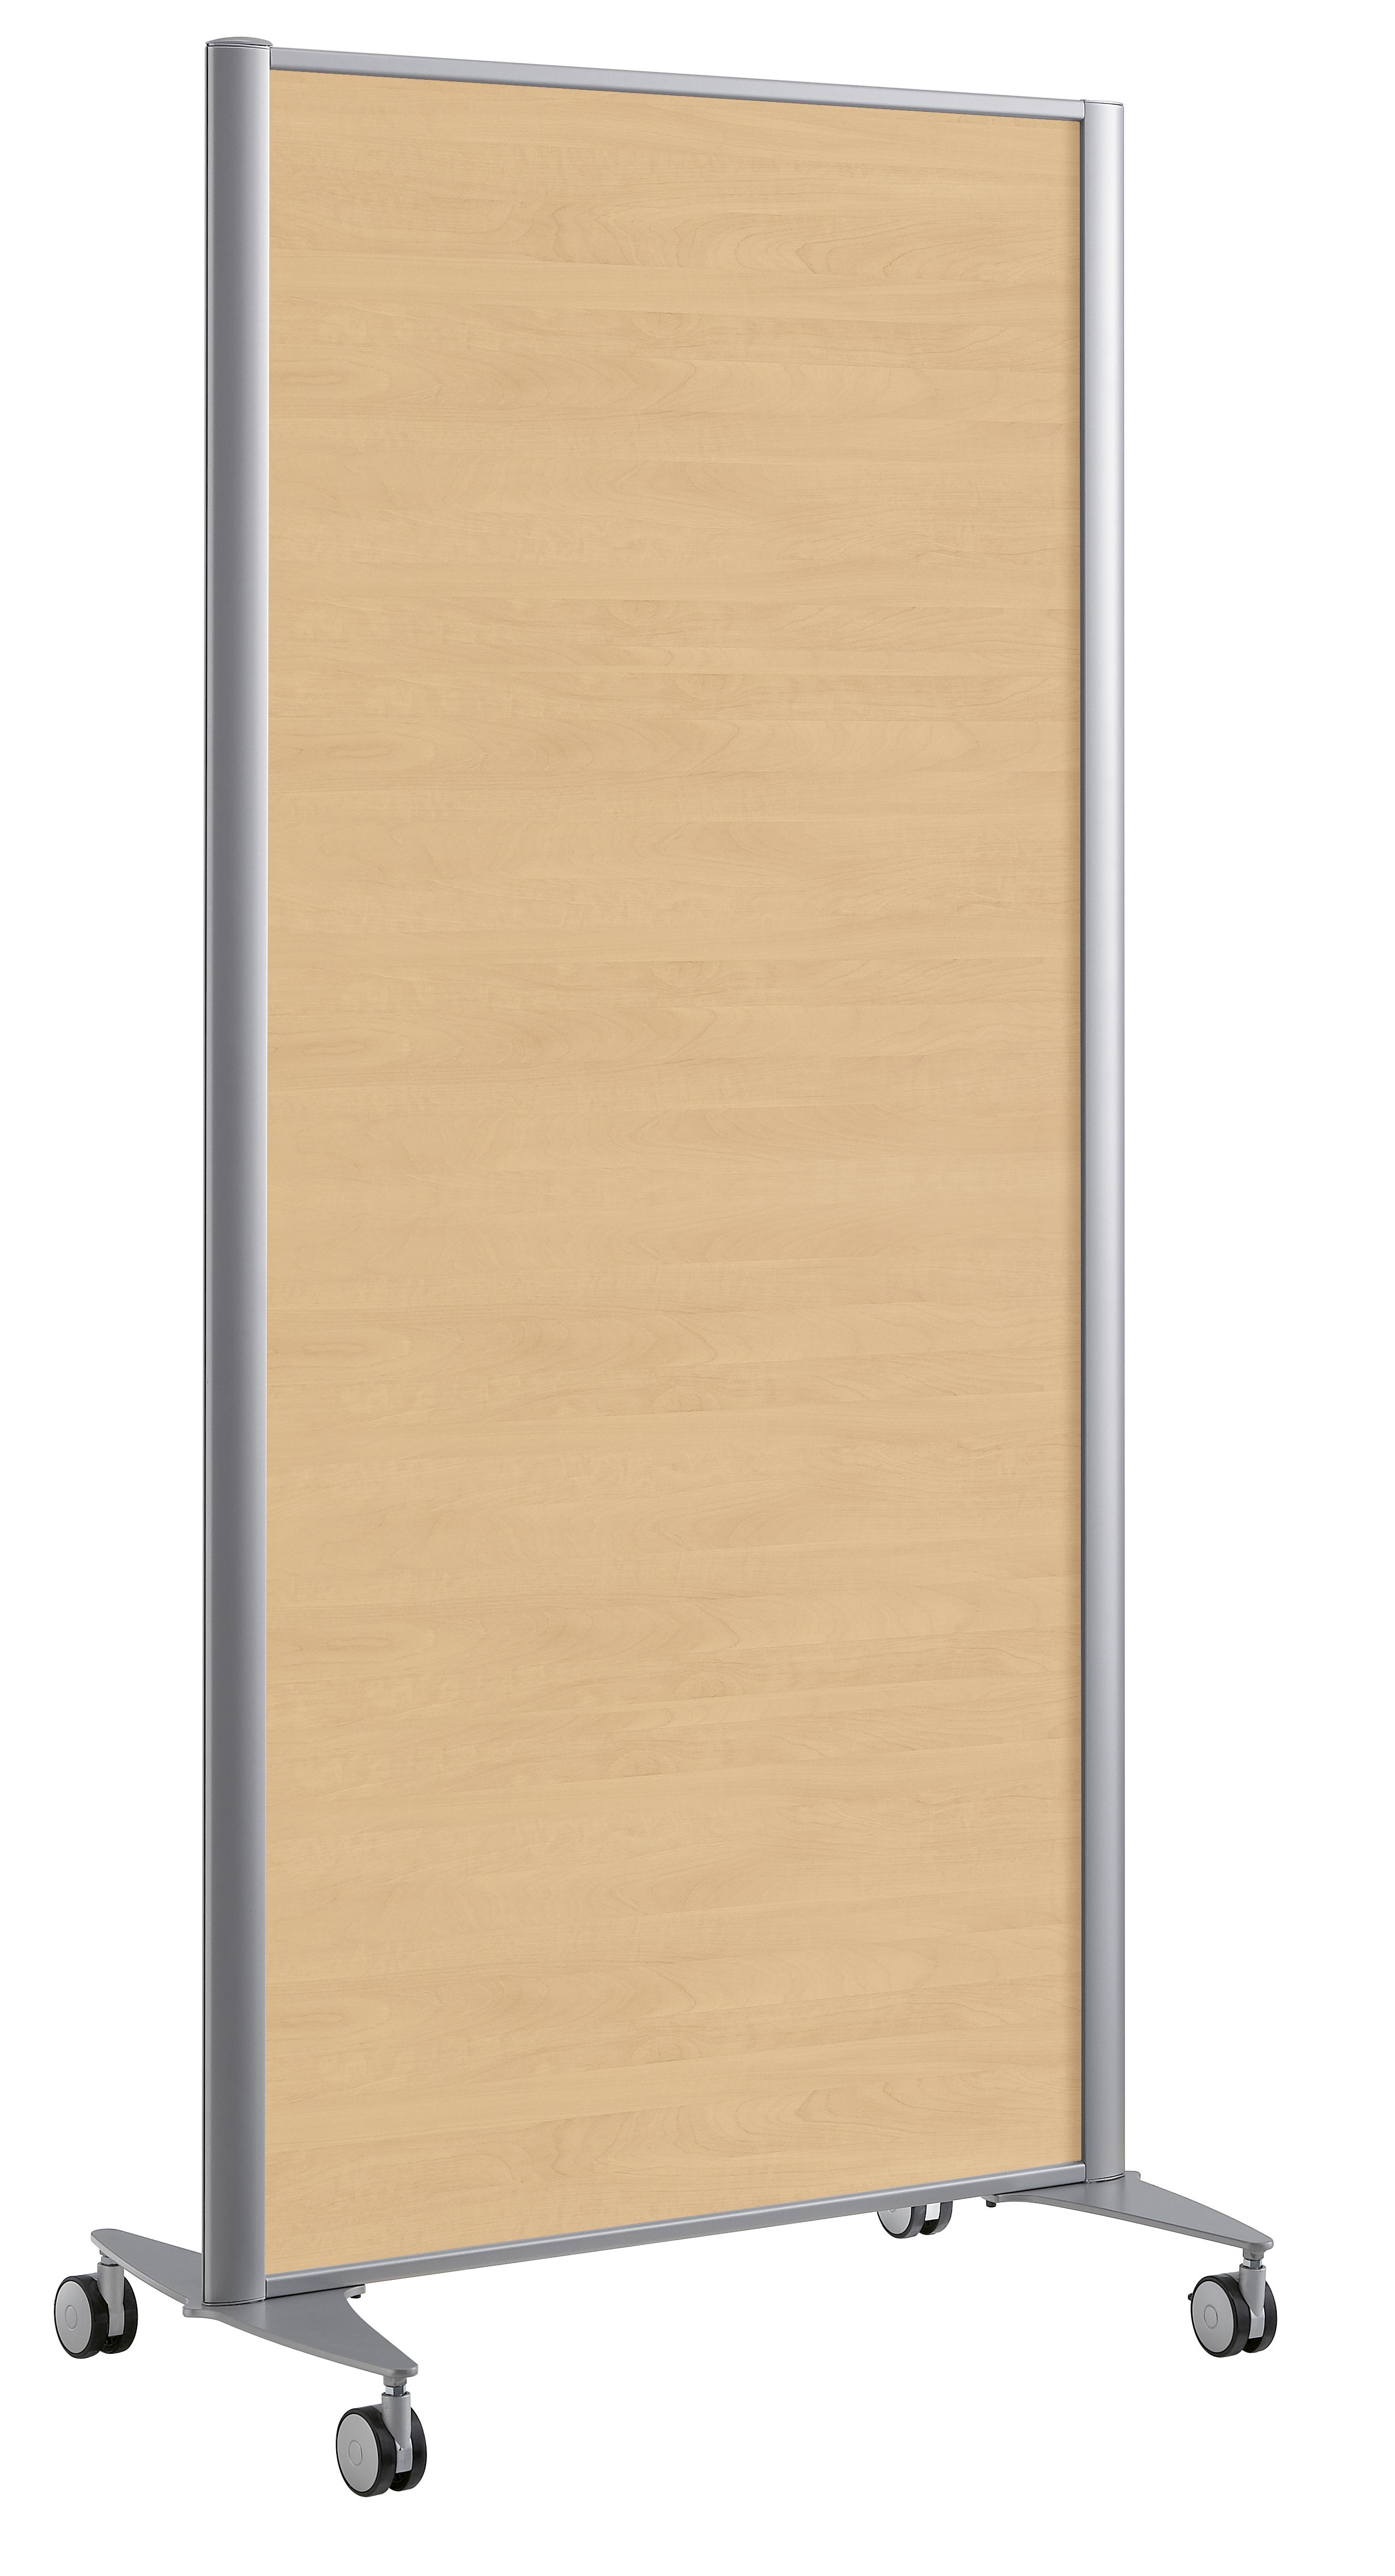 cloison droite kp 160x81 m lamin 2 pieds sur roulettes. Black Bedroom Furniture Sets. Home Design Ideas